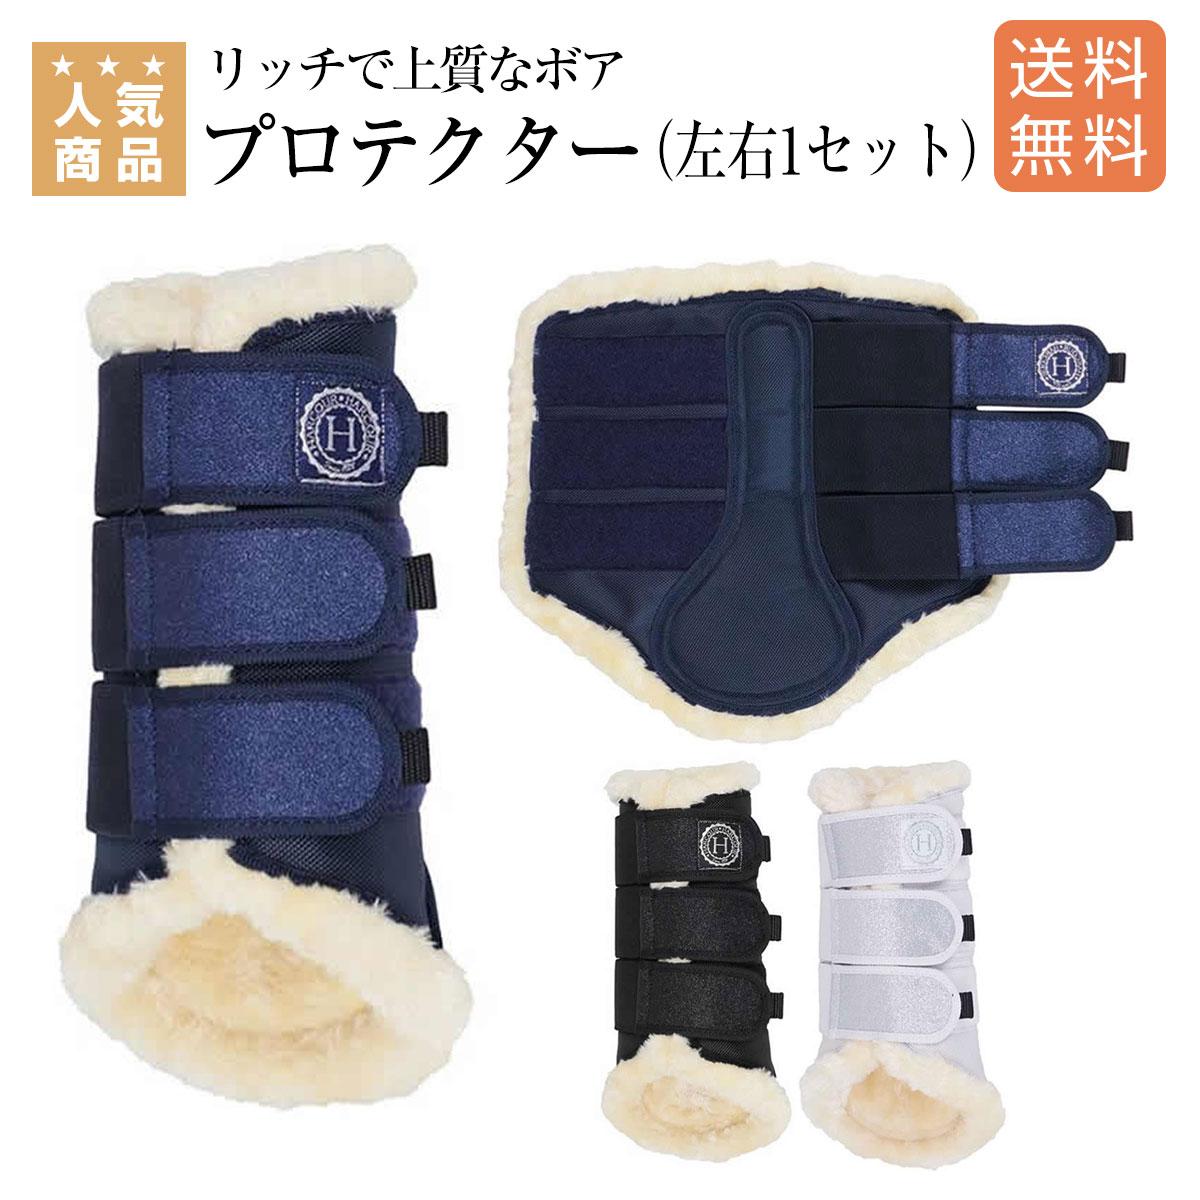 【月間優良ショップ】乗馬 プロテクター 肢巻 送料無料 HARCOUR コスモ ボア付き プロテクター(左右1セット) 乗馬用品 馬具